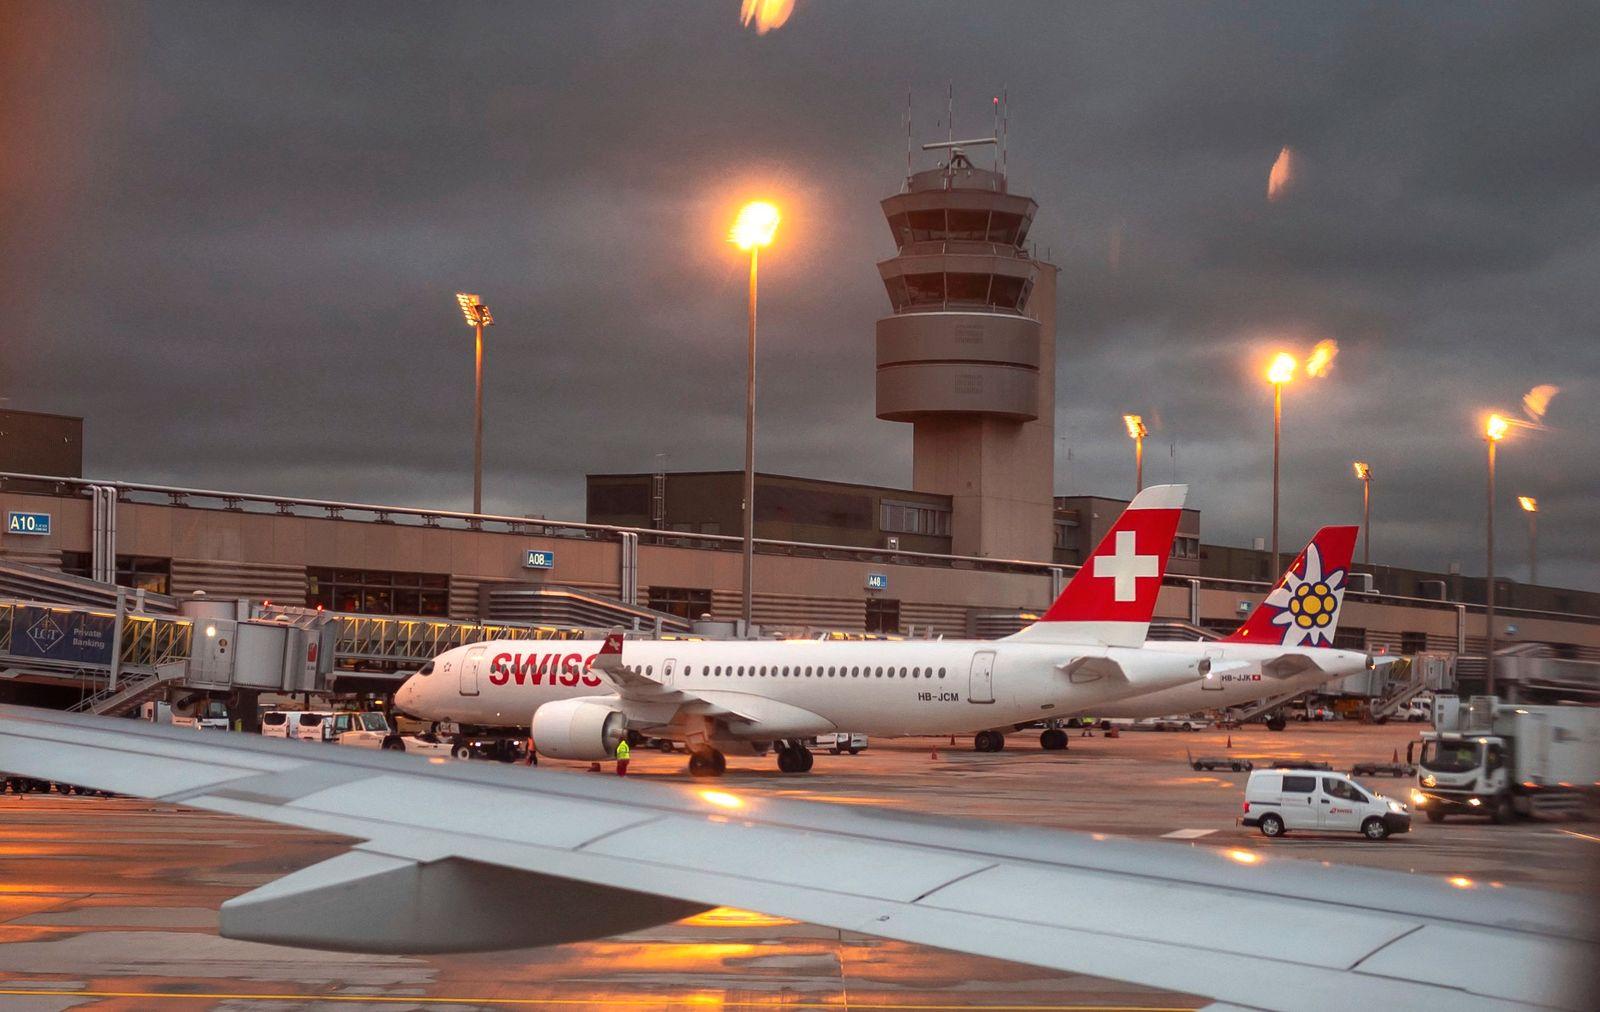 SWITZERLAND-AVIATION-WEATHER